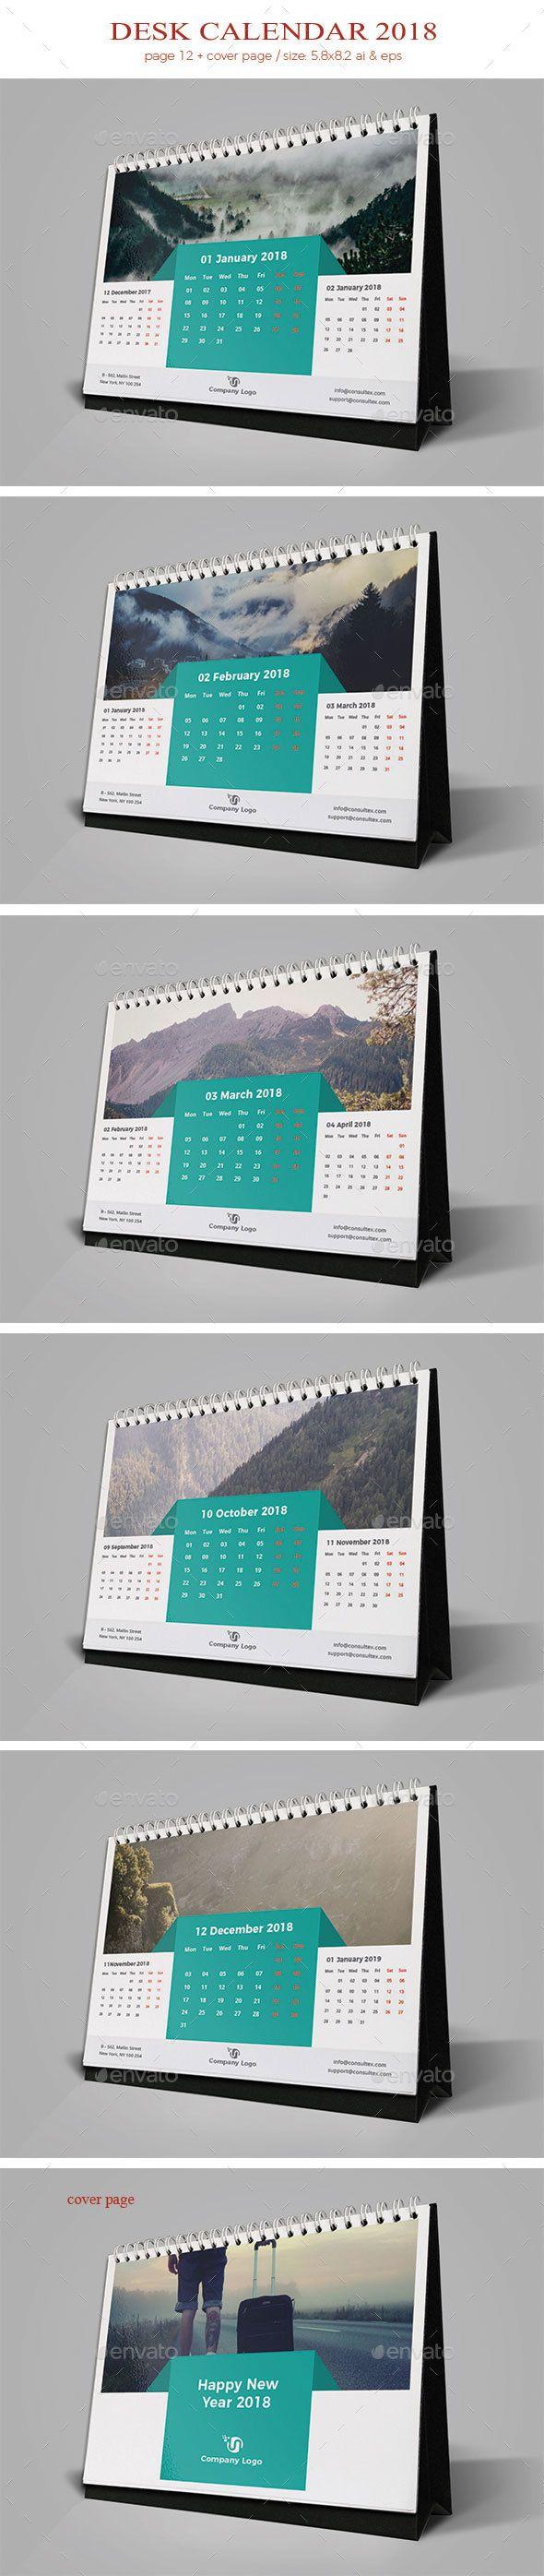 Desk #Calendar 2018 - Calendars #Stationery